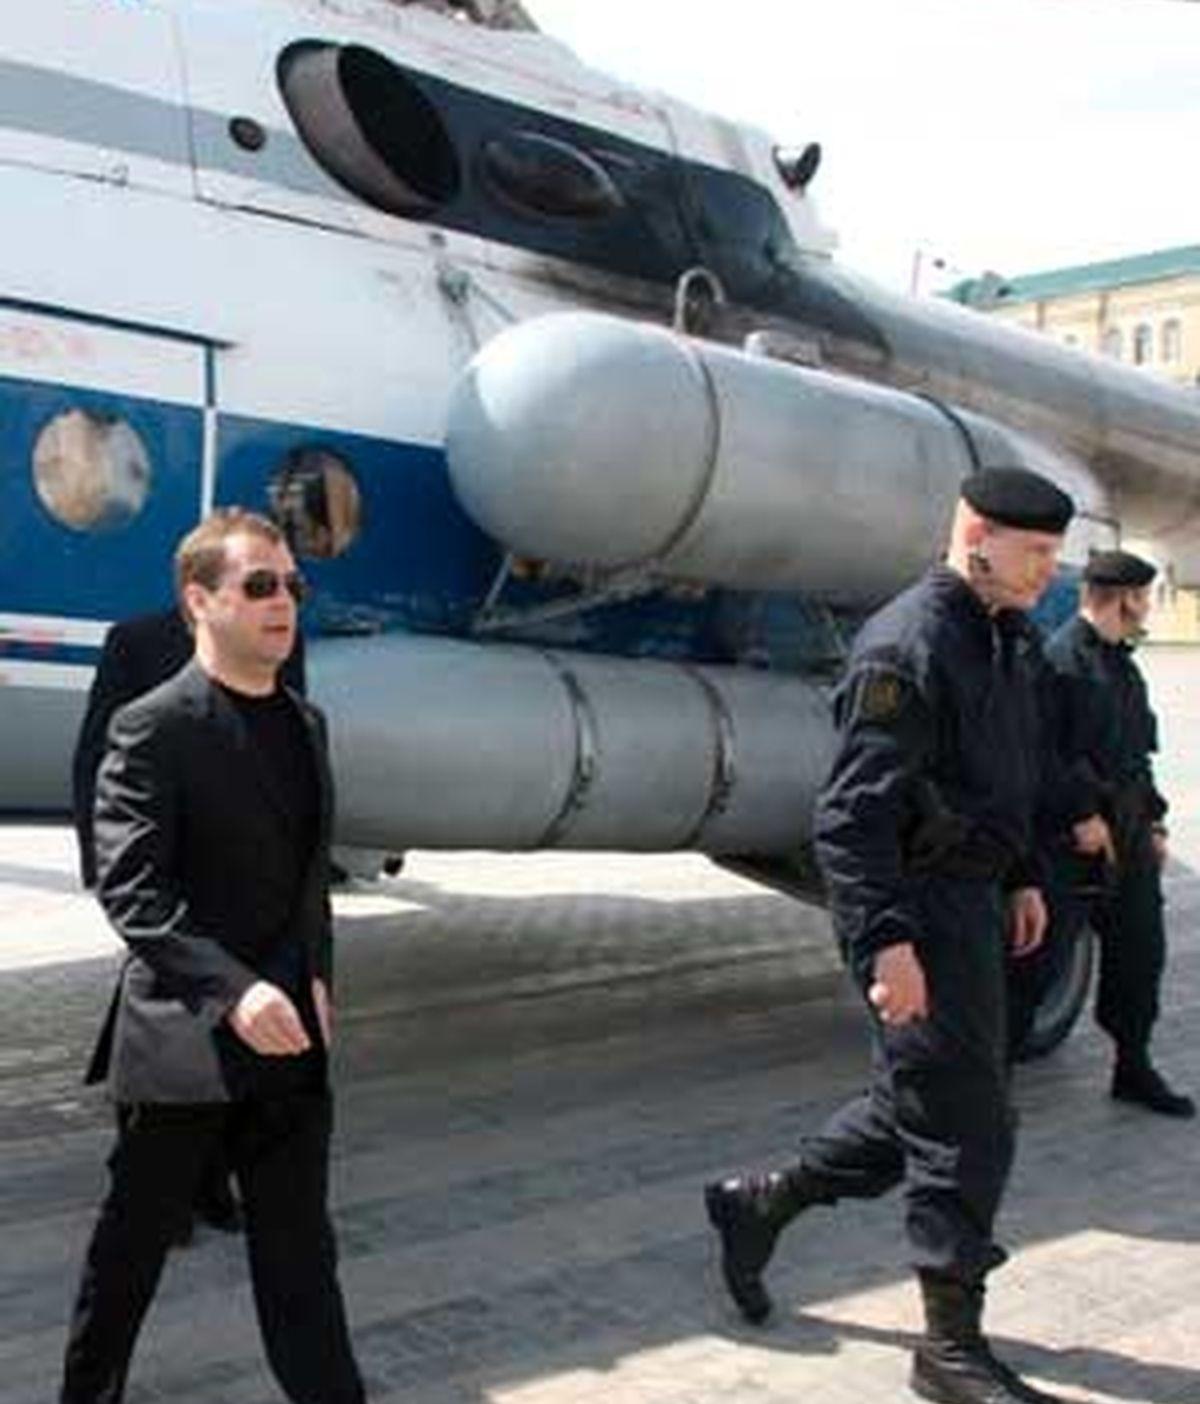 El presidente ruso, Dmitri Medvédev, viajó hoy desde Moscú a la república de Daguestán, golpeadas esta semana por sendos atentados terroristas. Foto: EFE.